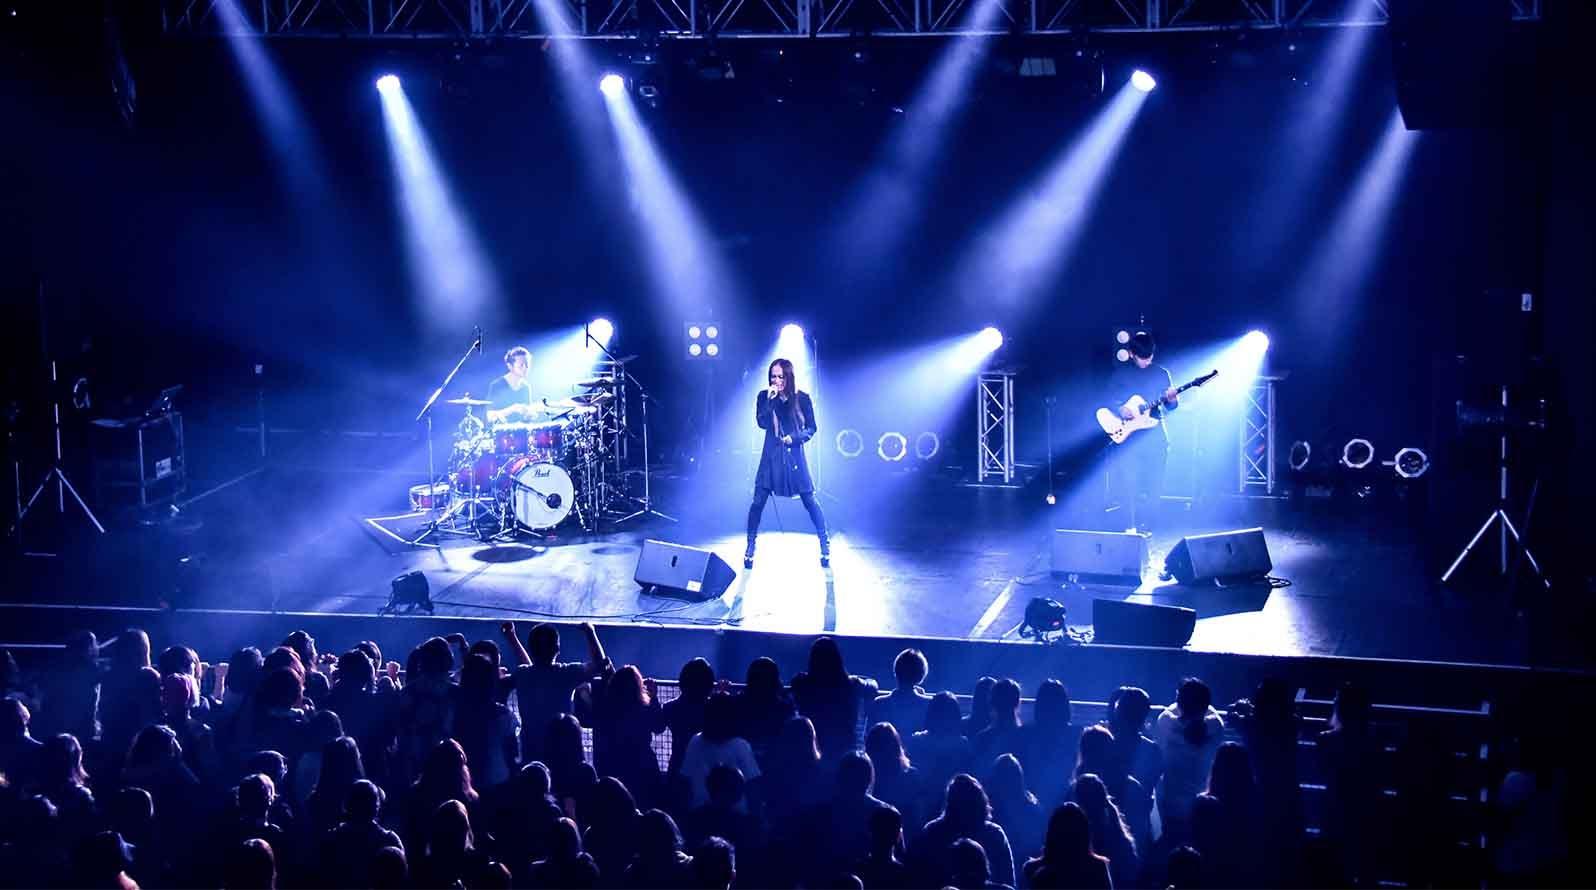 【迷迷歌單】ACID ANDROID LIVE 2017 #2